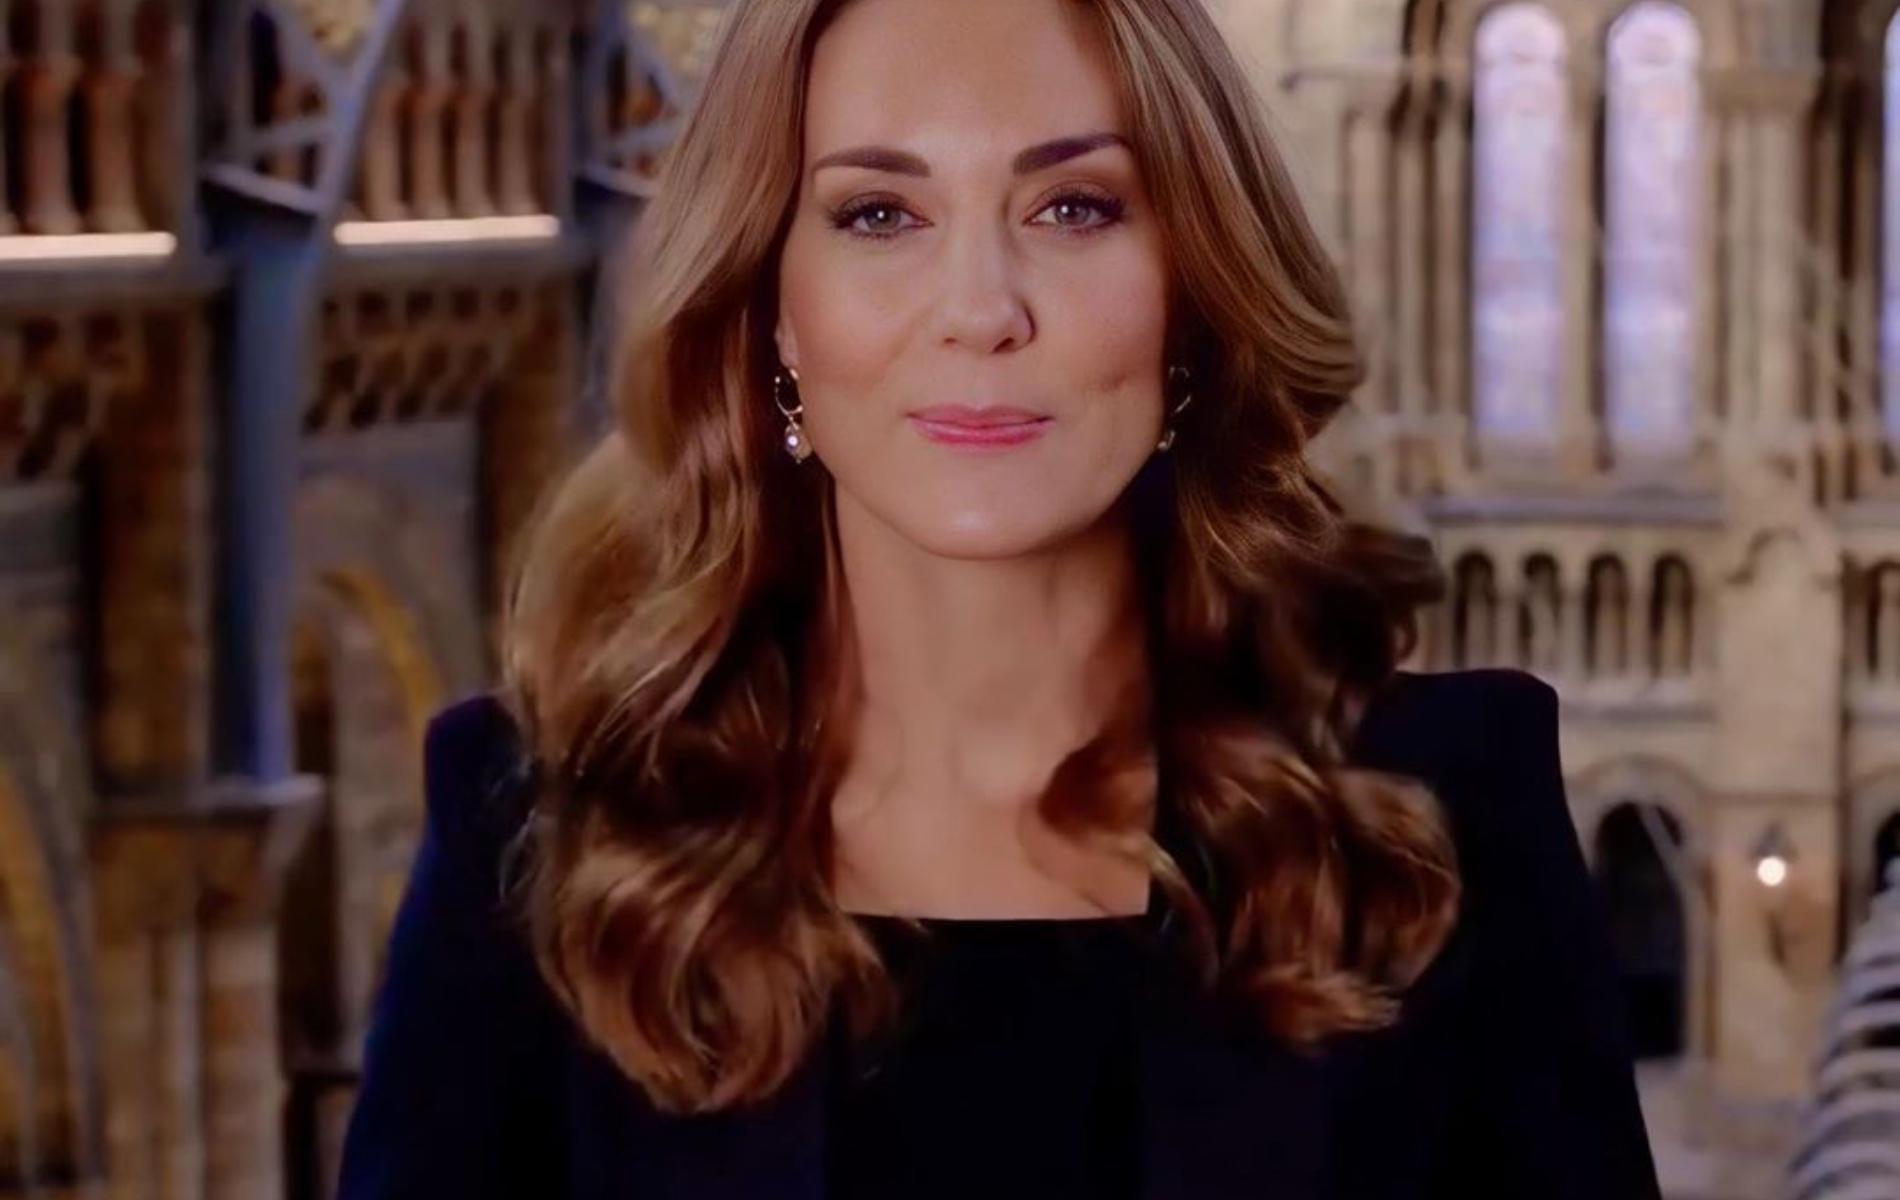 L'apparition de Kate Middleton en costume noir laisse Londres pantoise